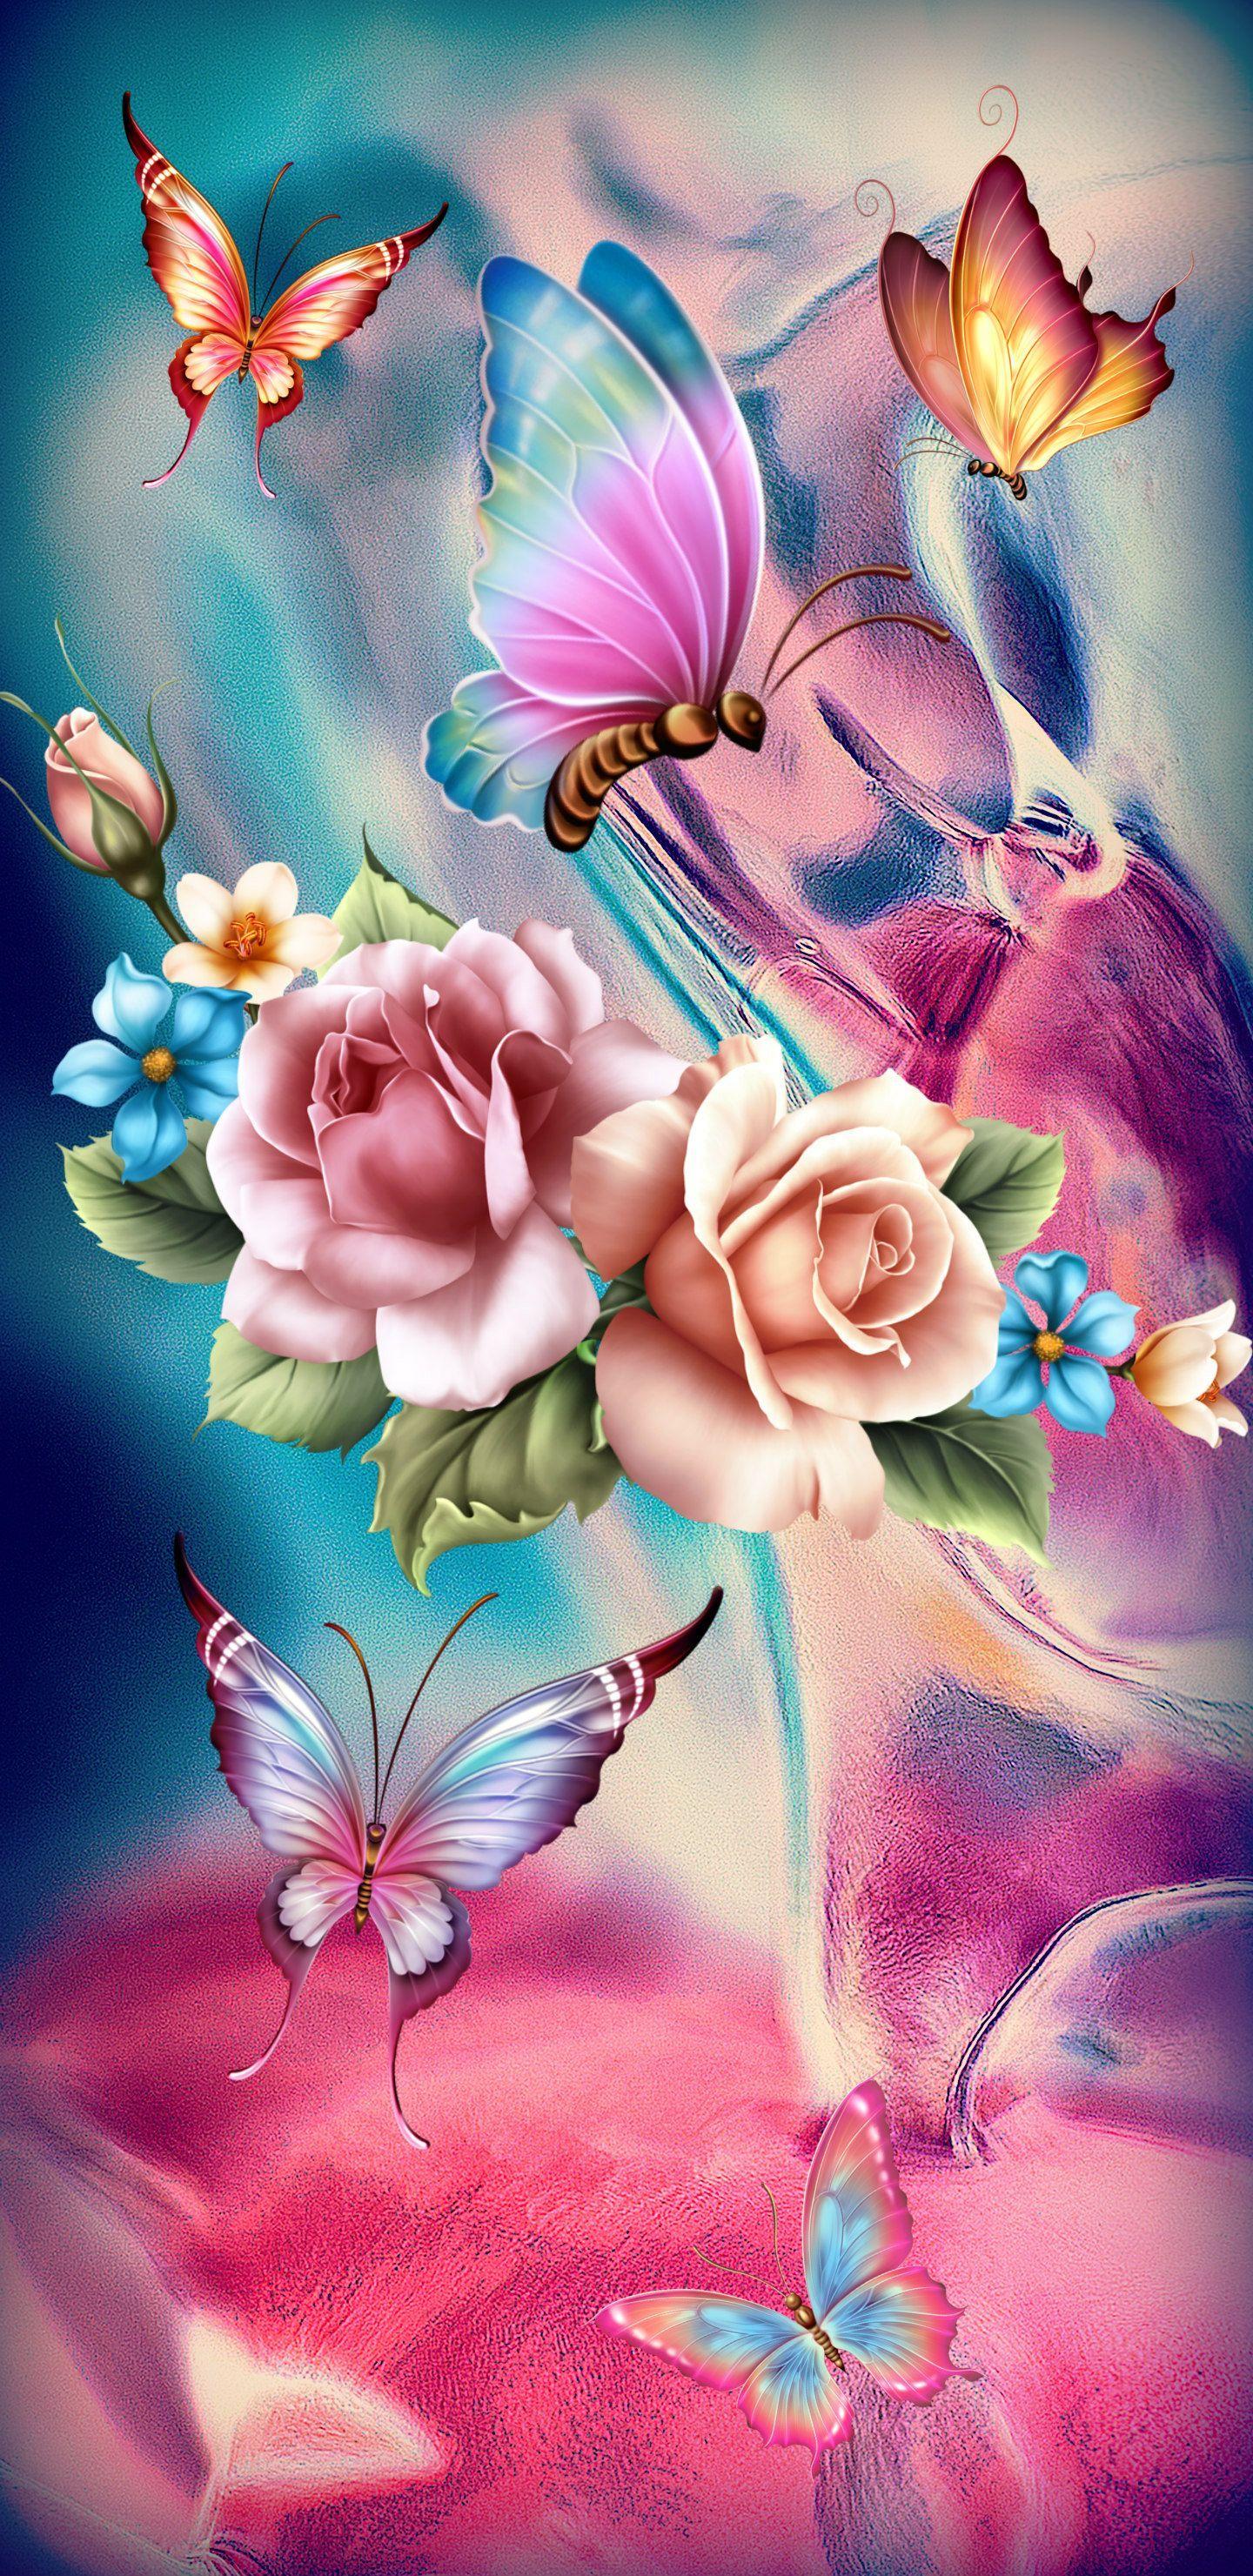 Butterfly Dreams Butterfly Cellphonewallpapersweets Dreams Butterfly Wallpaper Backgrounds Butterfly Wallpaper Iphone Wallpaper Nature Flowers